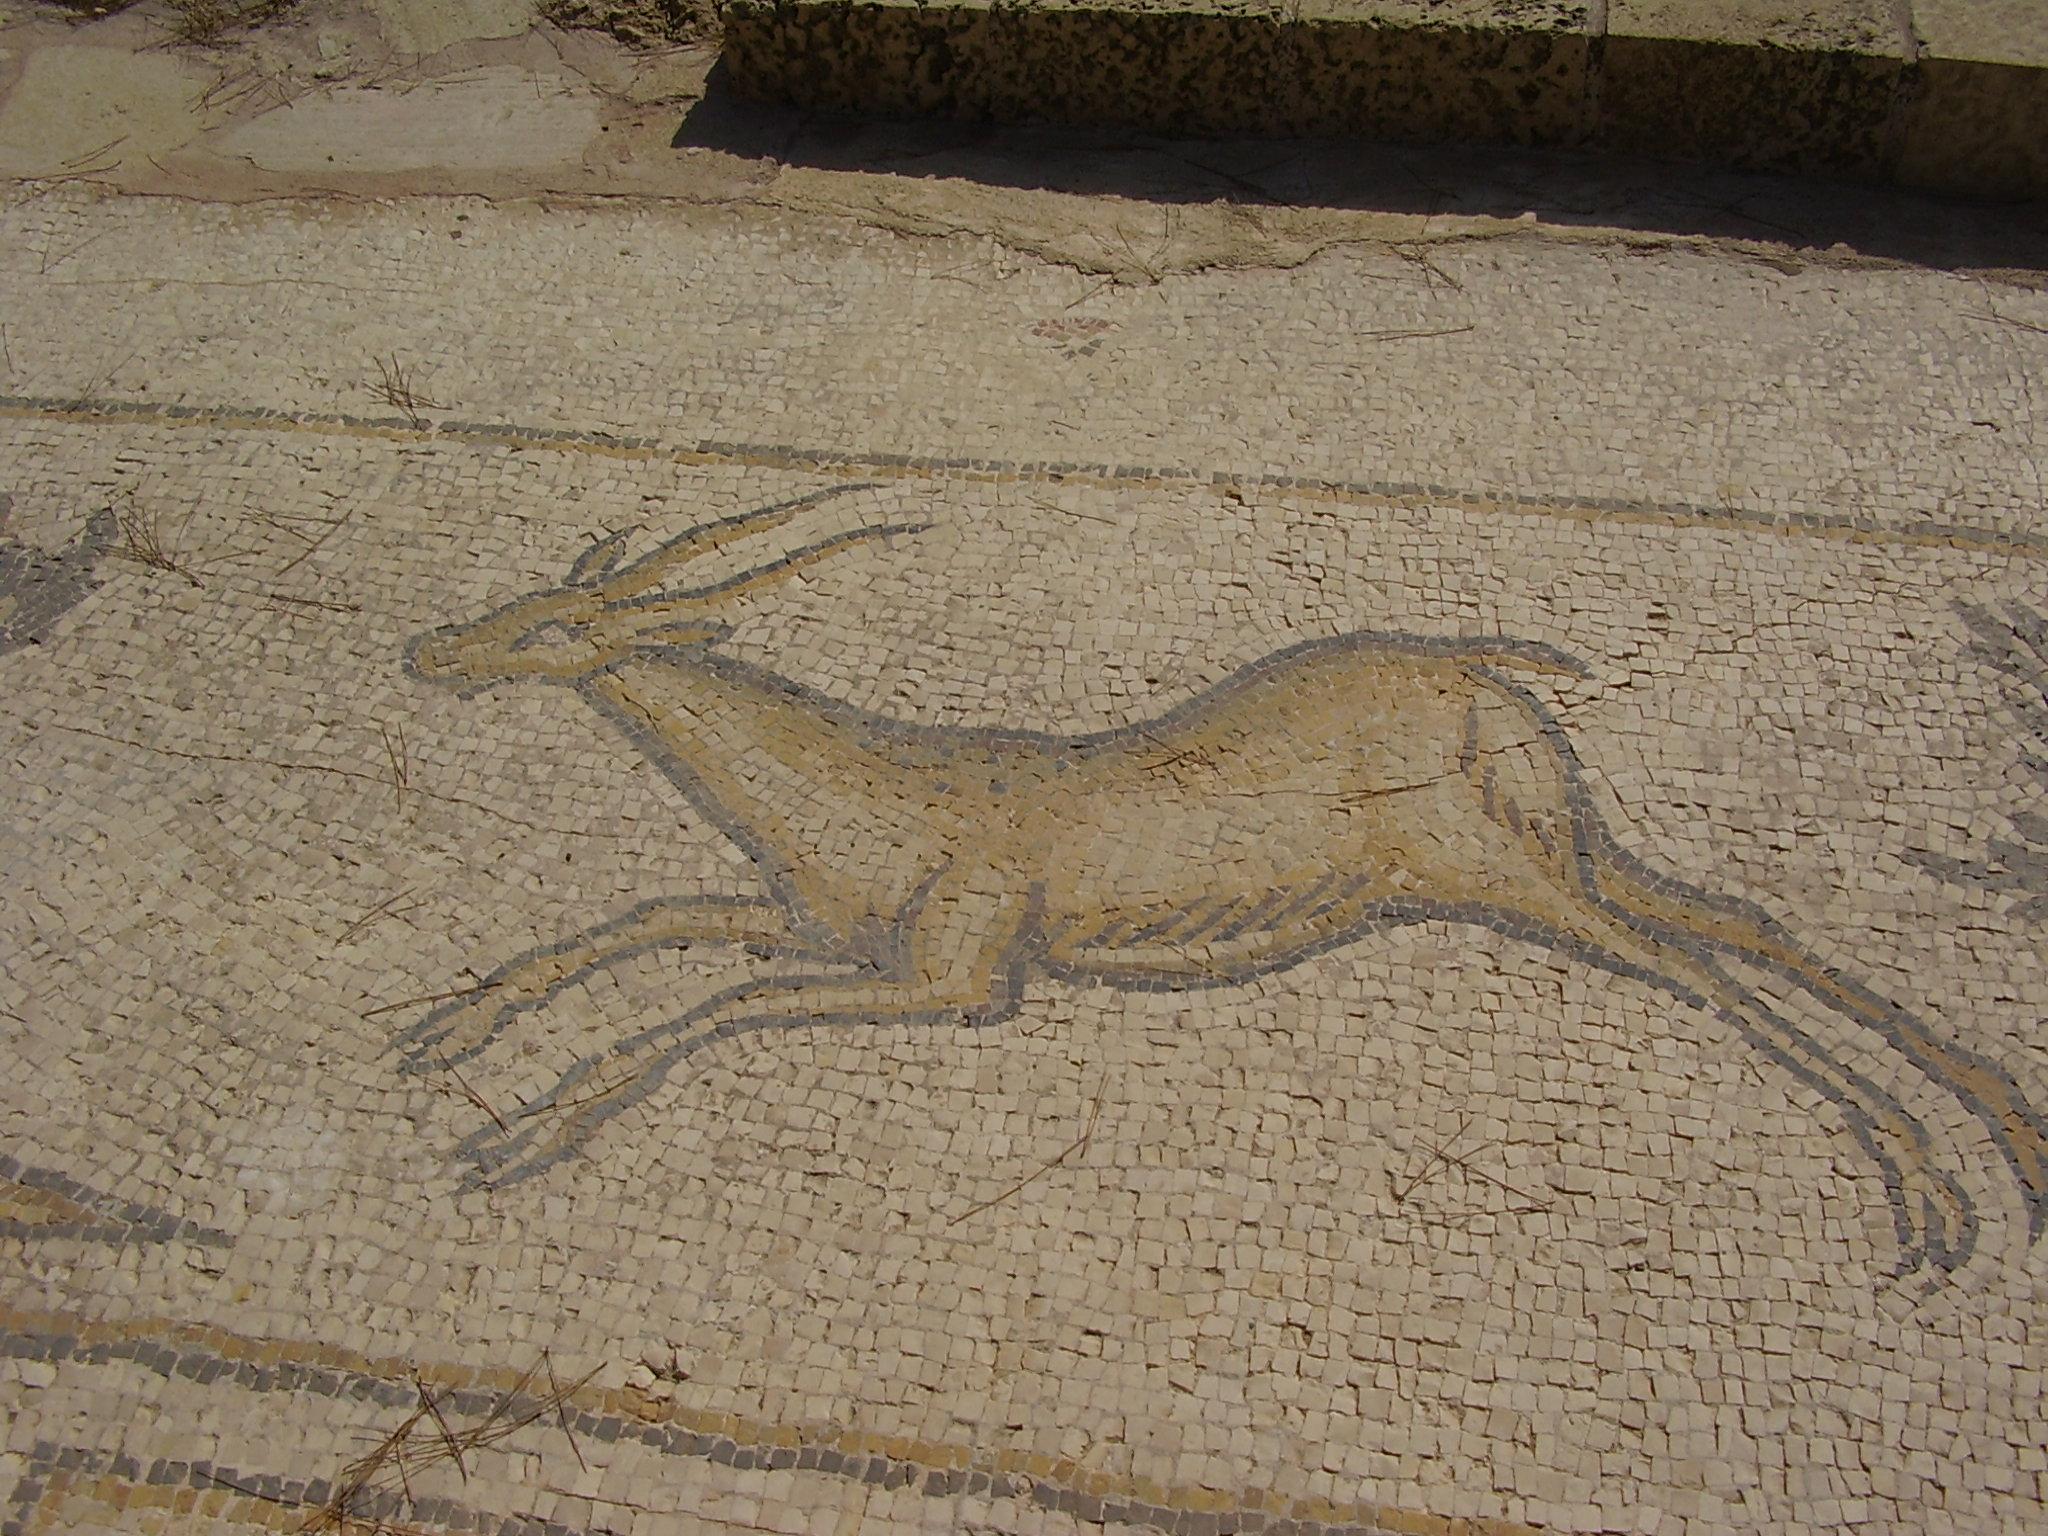 Mosaic of a gazelle (Byzanthic period), Ceasarea, Israel Photo taken by Avishai Teicher on October 20, 2007.